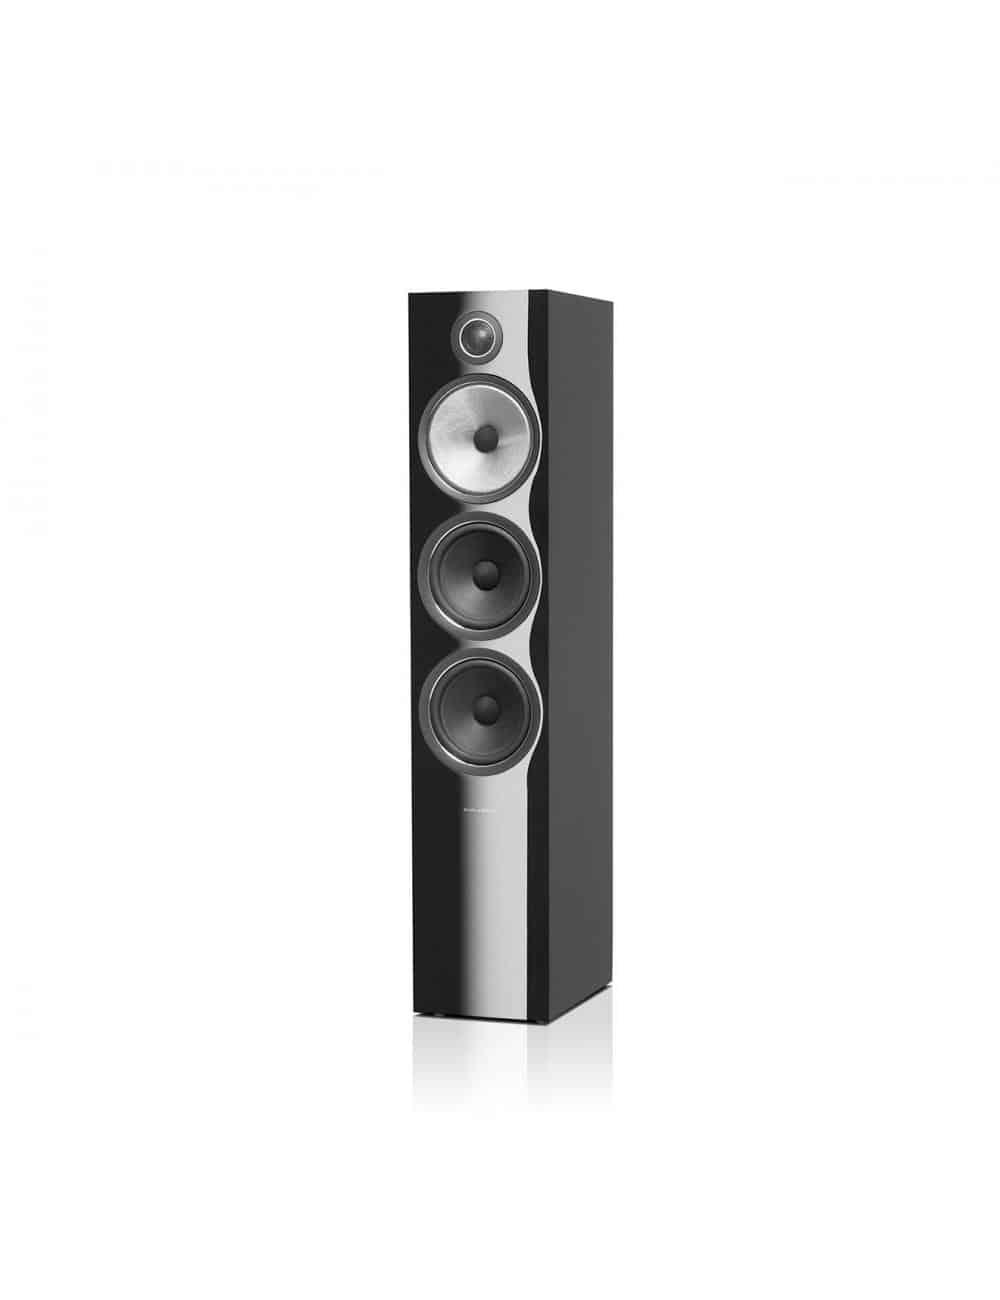 diffusori acustici da pavimento per hifi e home theater, Bowers & Wilkins 703, finitura nero lucido